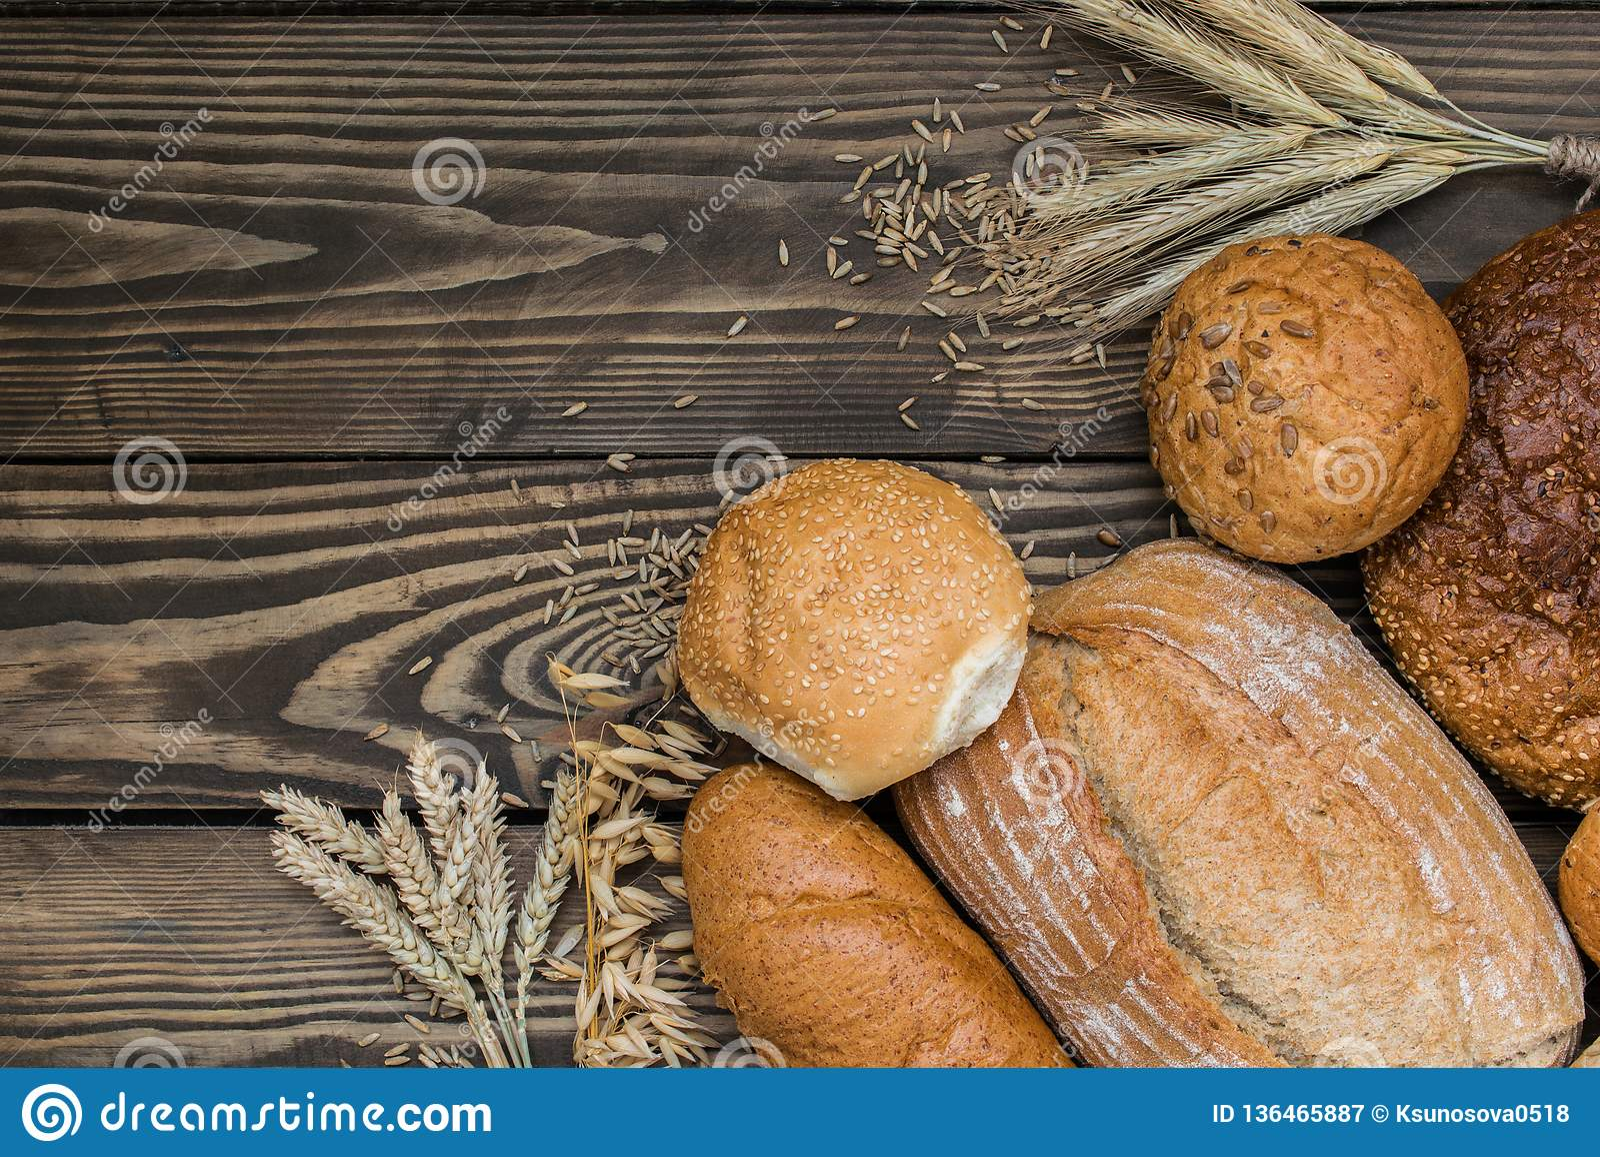 Свежо испеченные продукты хлеба на деревянной предпосылке